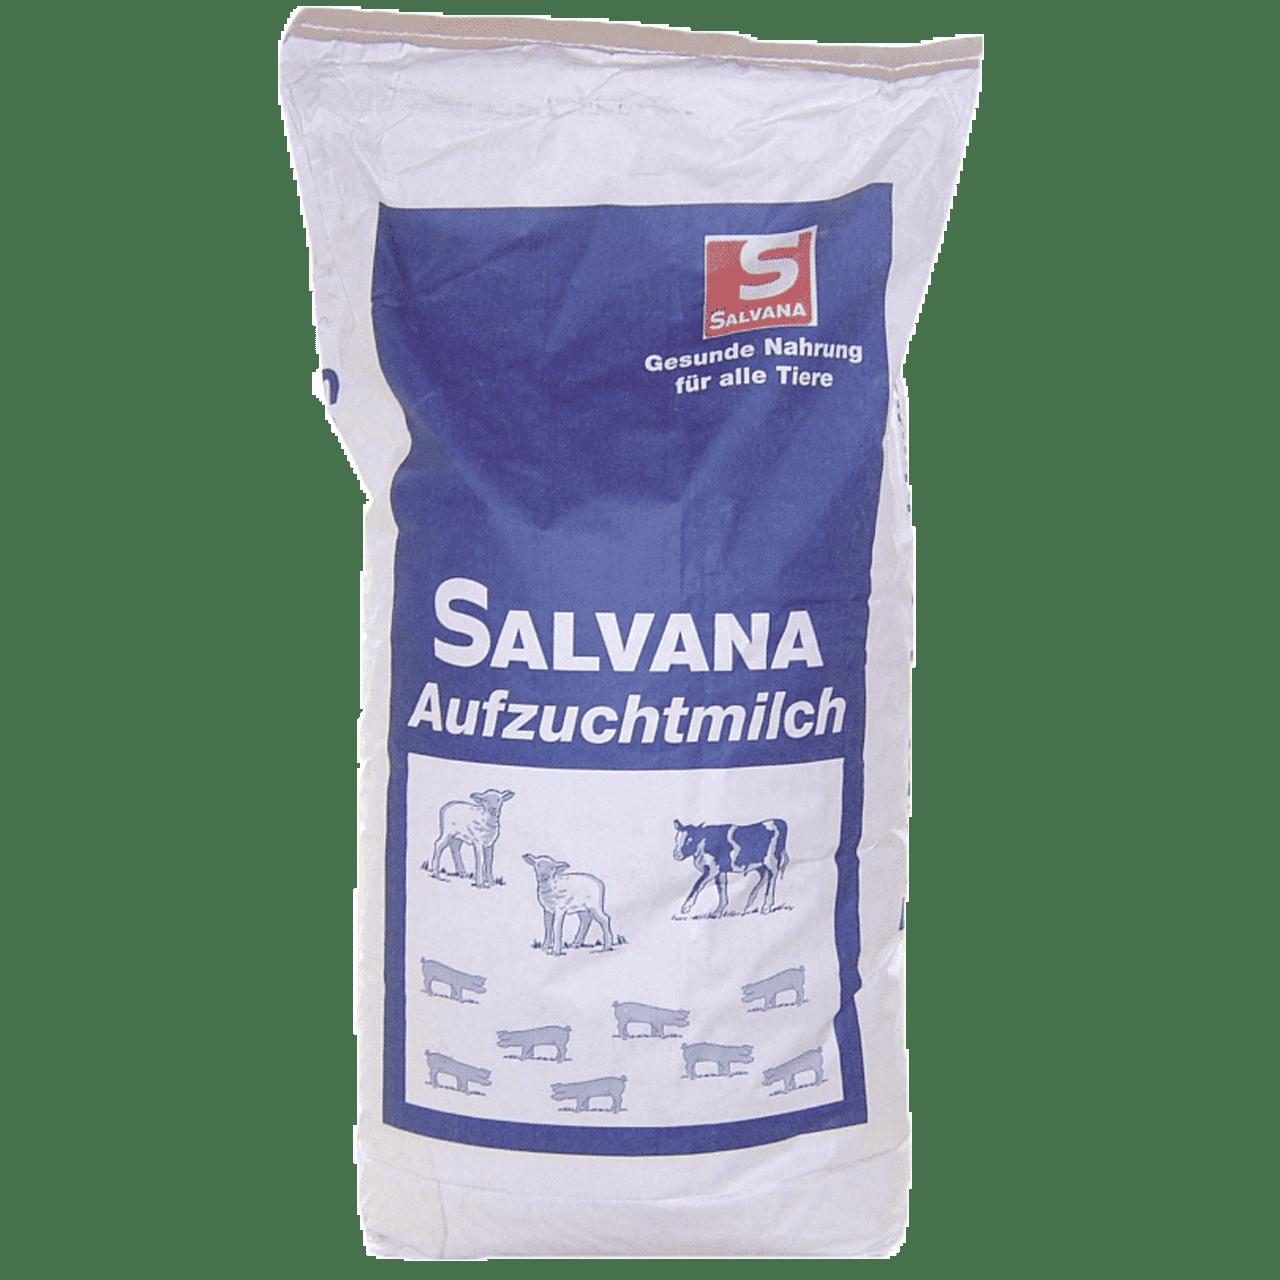 SALVANA Lämmermilch